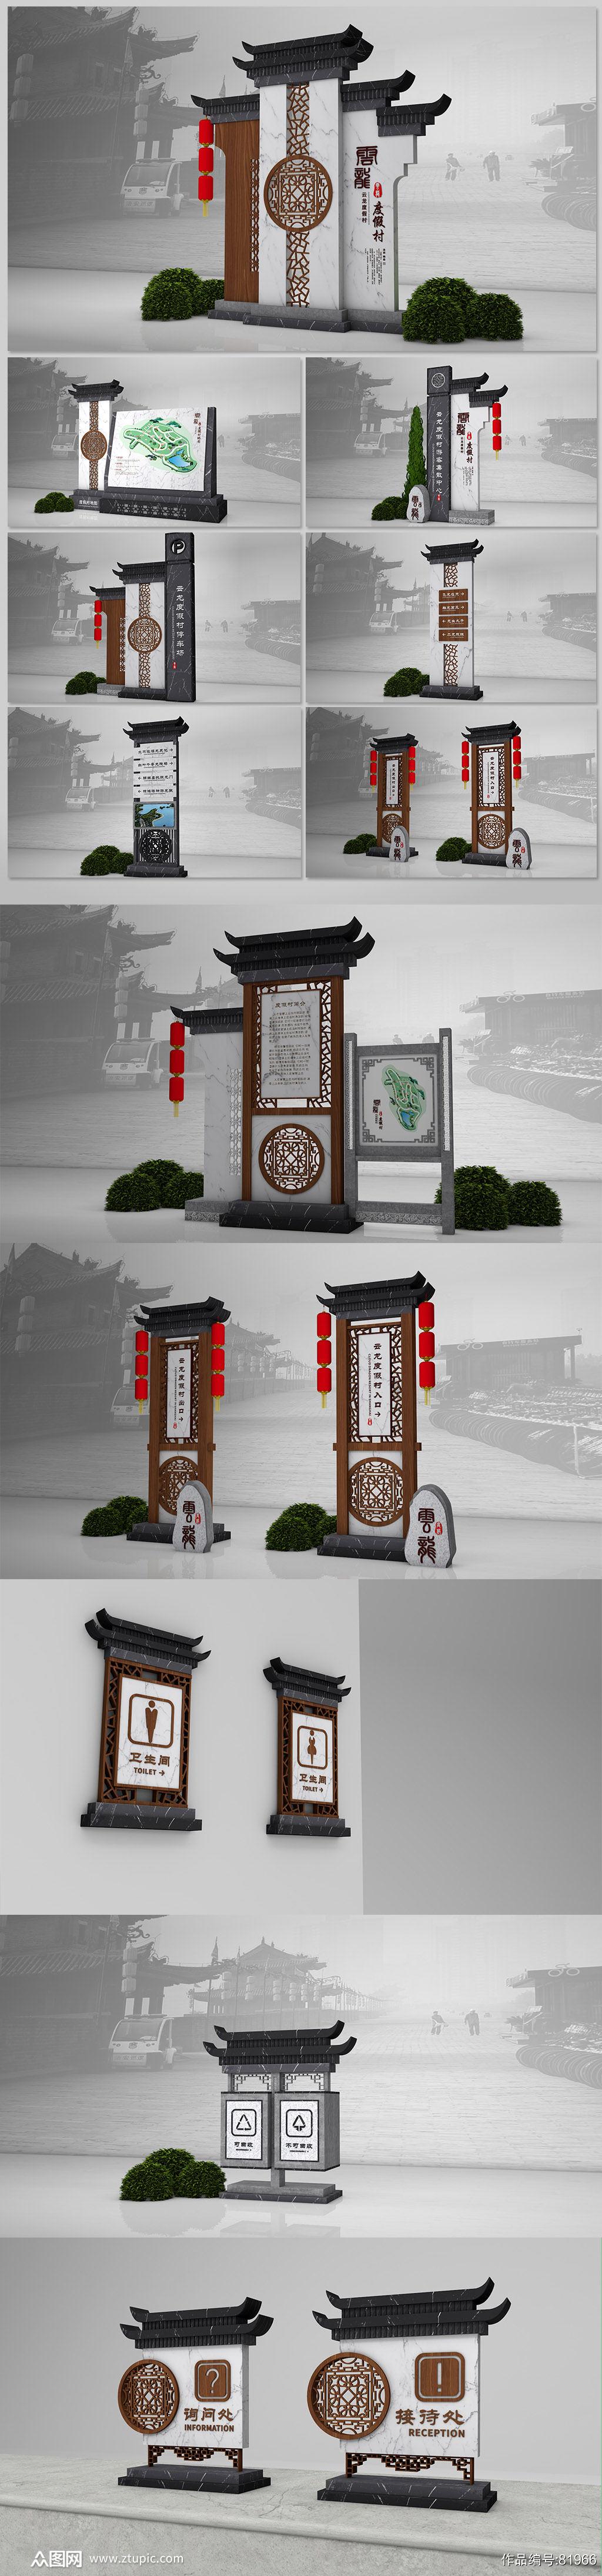 中式景区徽派 度假村古镇公园景区导视 地图指示牌精神堡垒素材